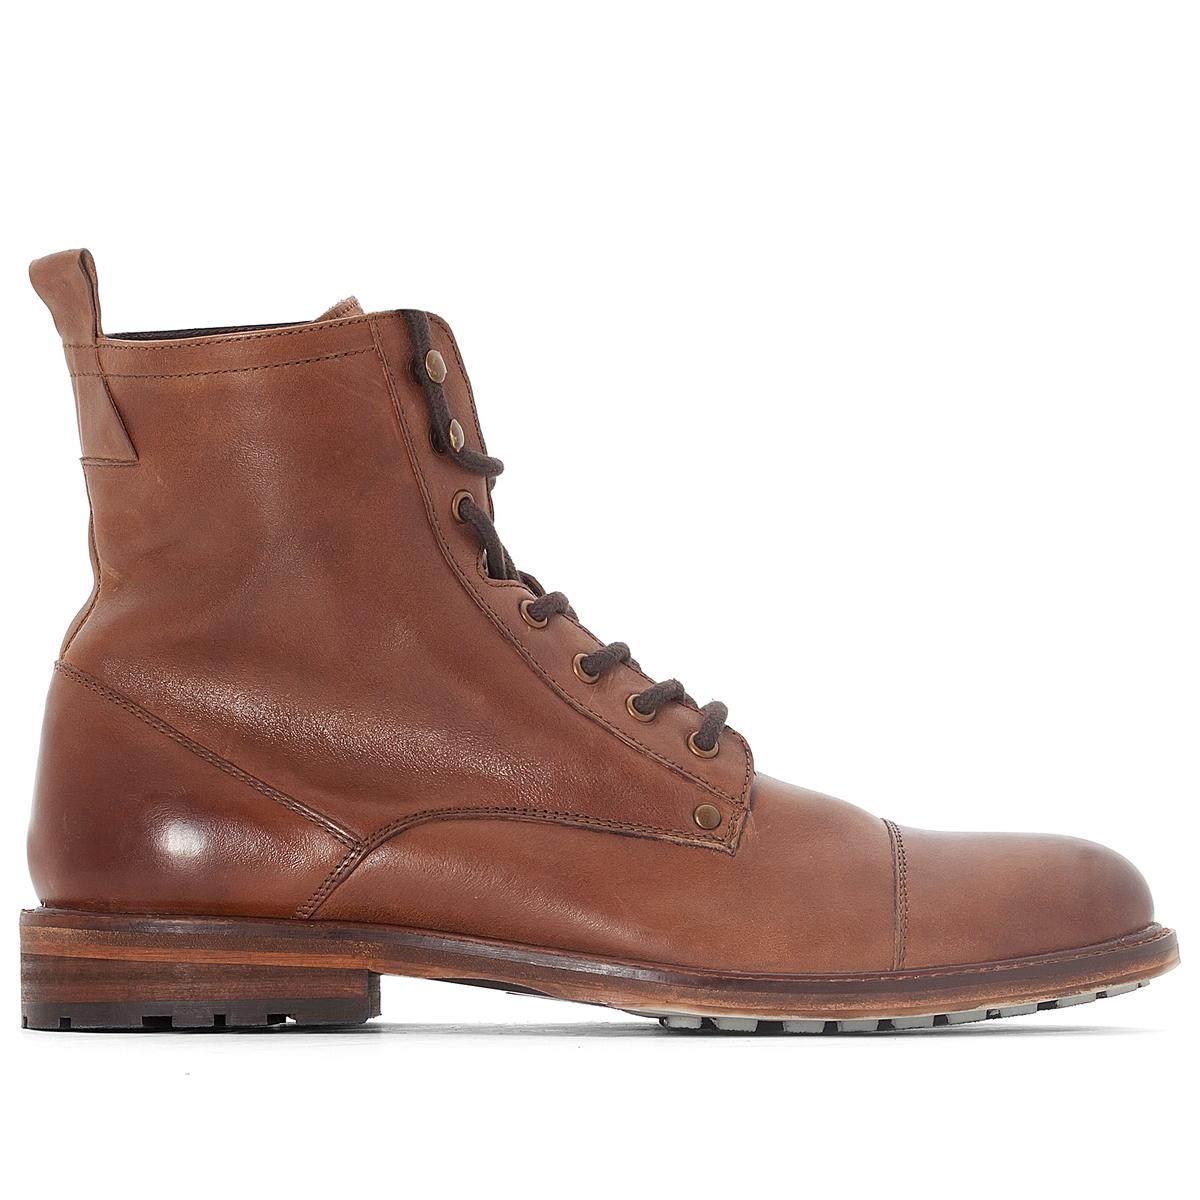 Ботинки кожаныеДетали •  Высота каблука : 0 см •  Застежка : без застежки •  Круглый мысок •  Велюровая отделка, нубукСостав и уход •  Верх 100% кожа •  Подкладка 100% текстиль<br><br>Цвет: каштановый<br>Размер: 43.42